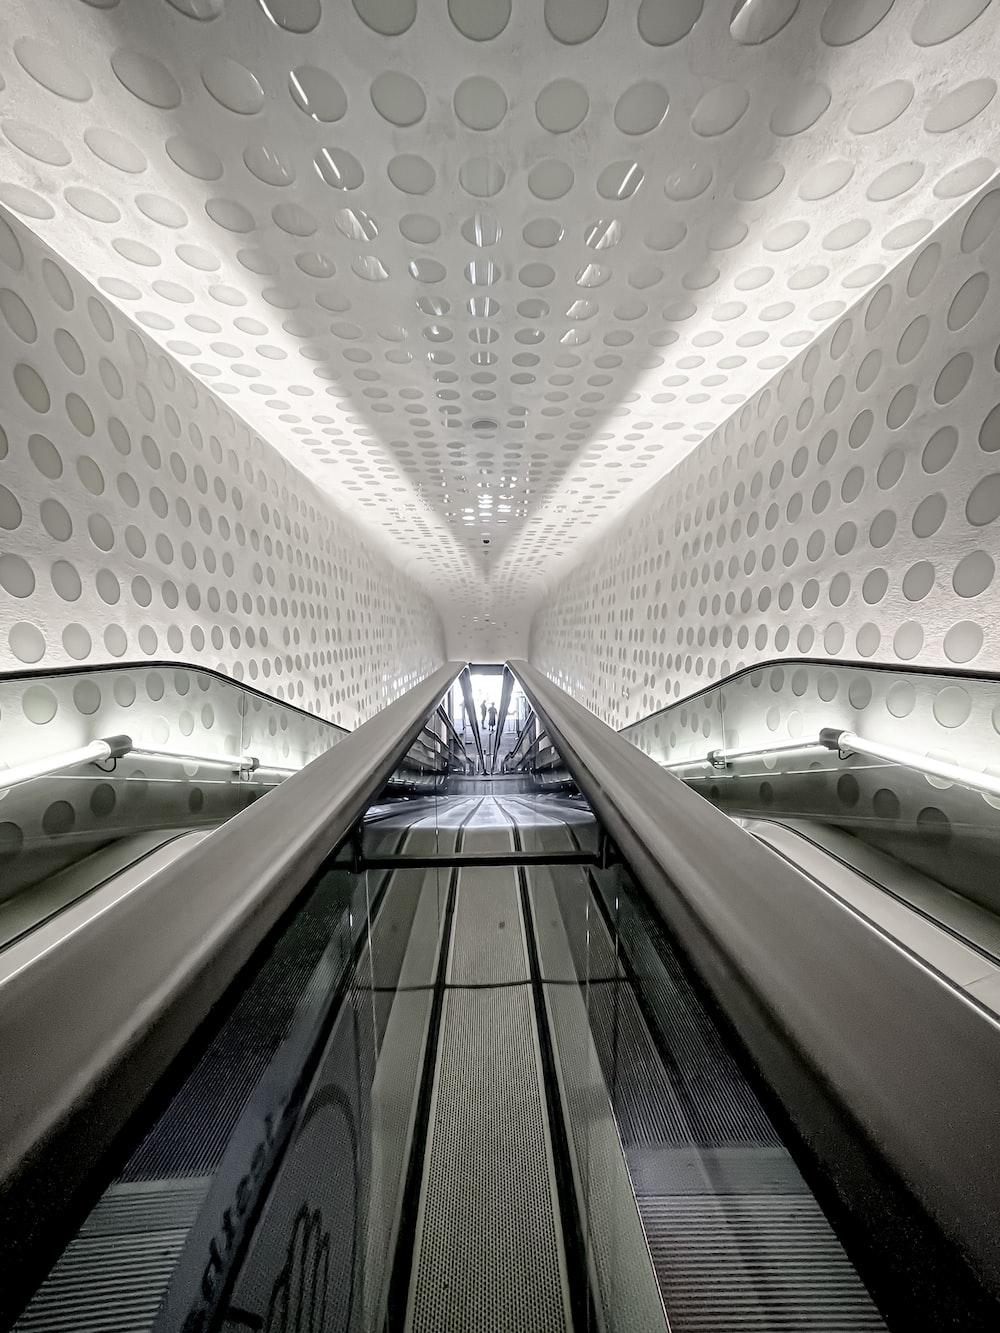 white and gray concrete tunnel